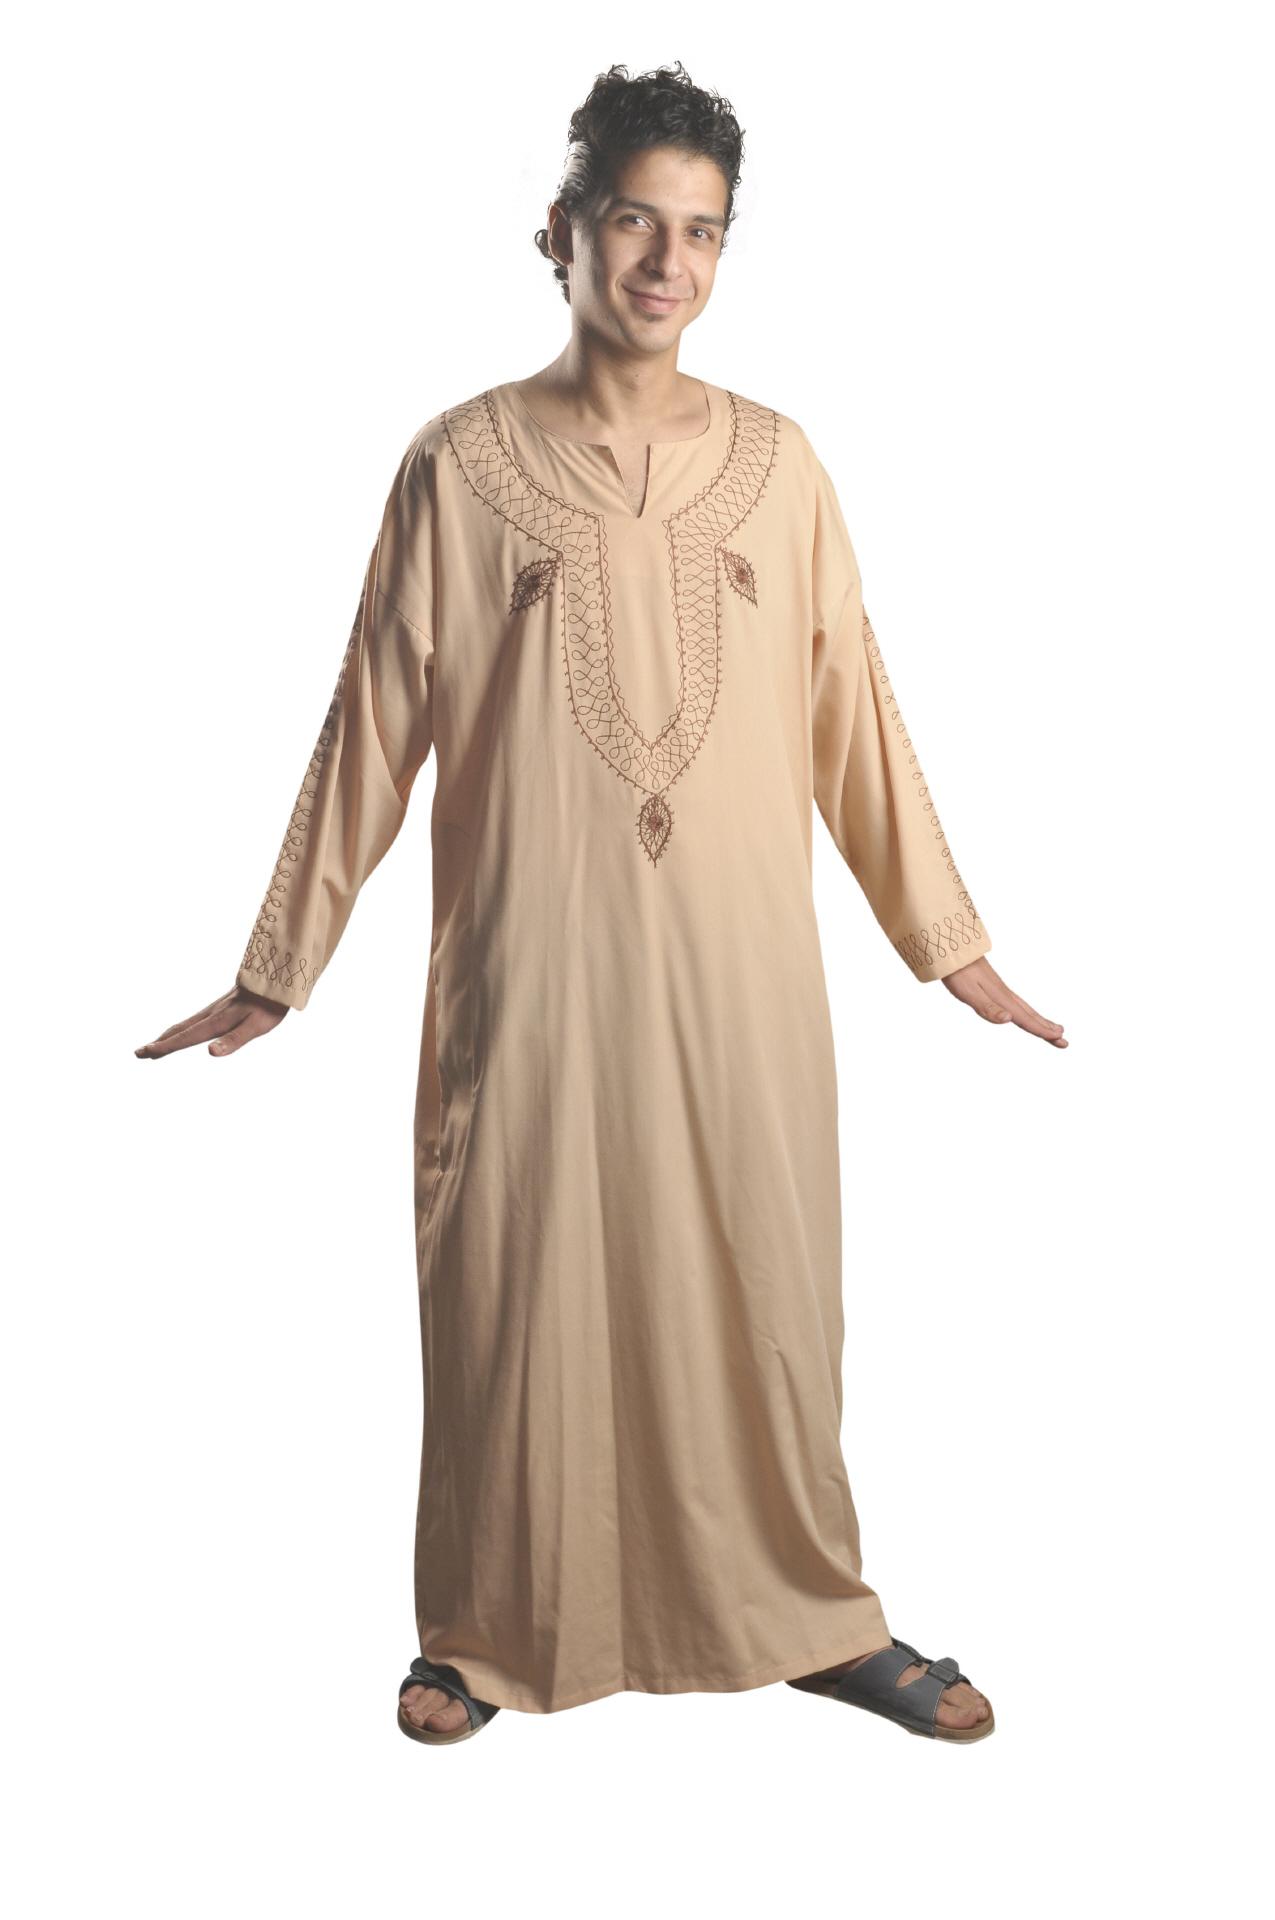 herren kaftan arabische kleidung kaufen im egypt bazar shop. Black Bedroom Furniture Sets. Home Design Ideas